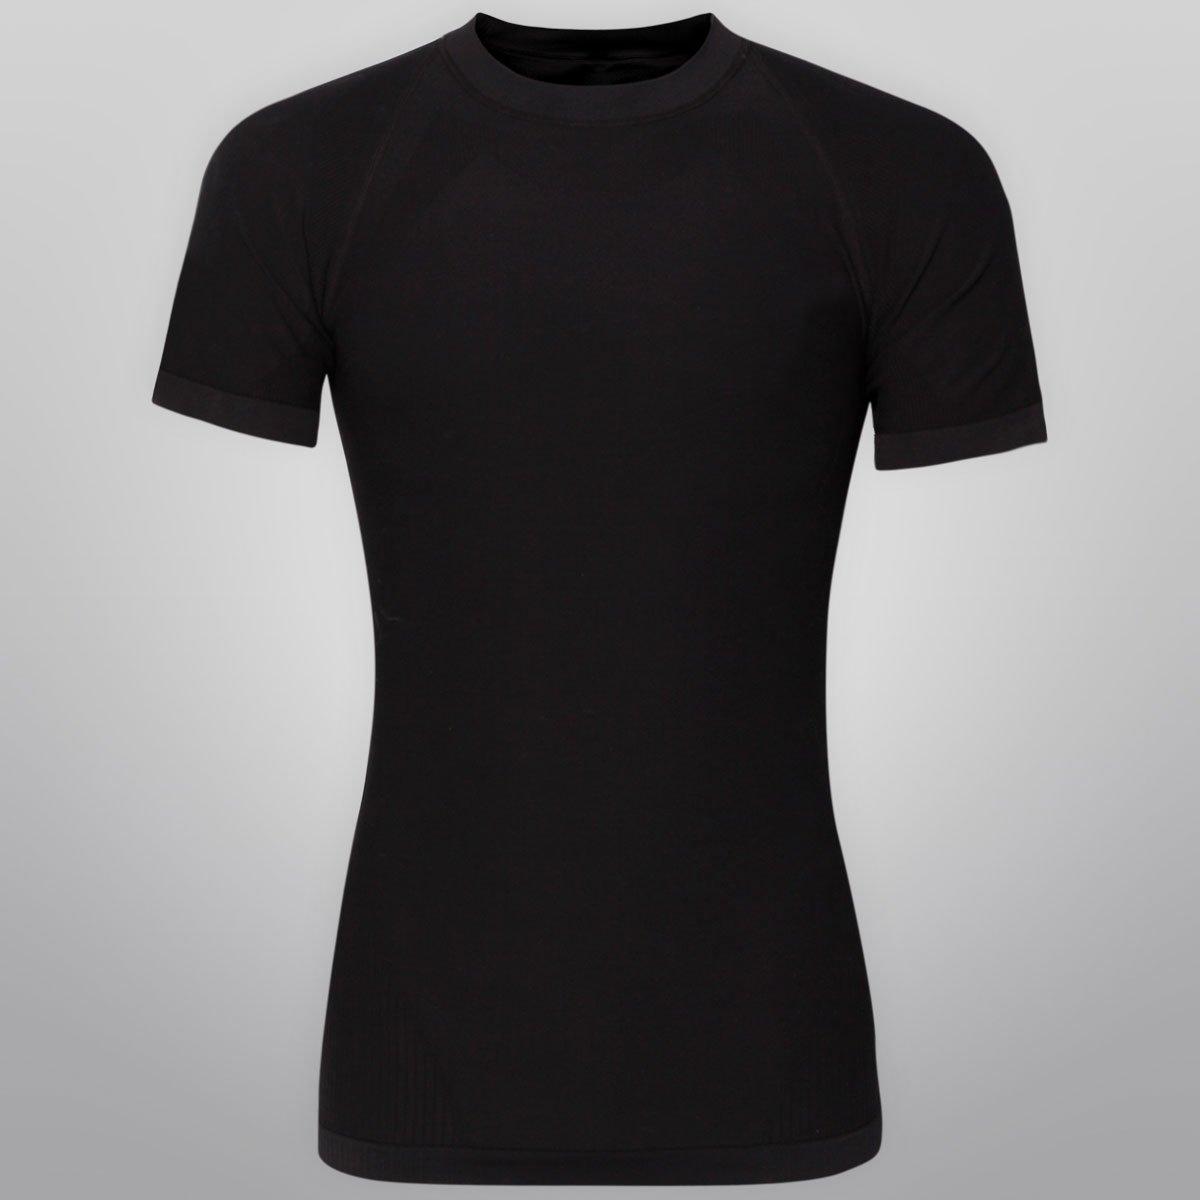 Camiseta Térmica Fila Seamless - Compre Agora  4ee98b5f5452b